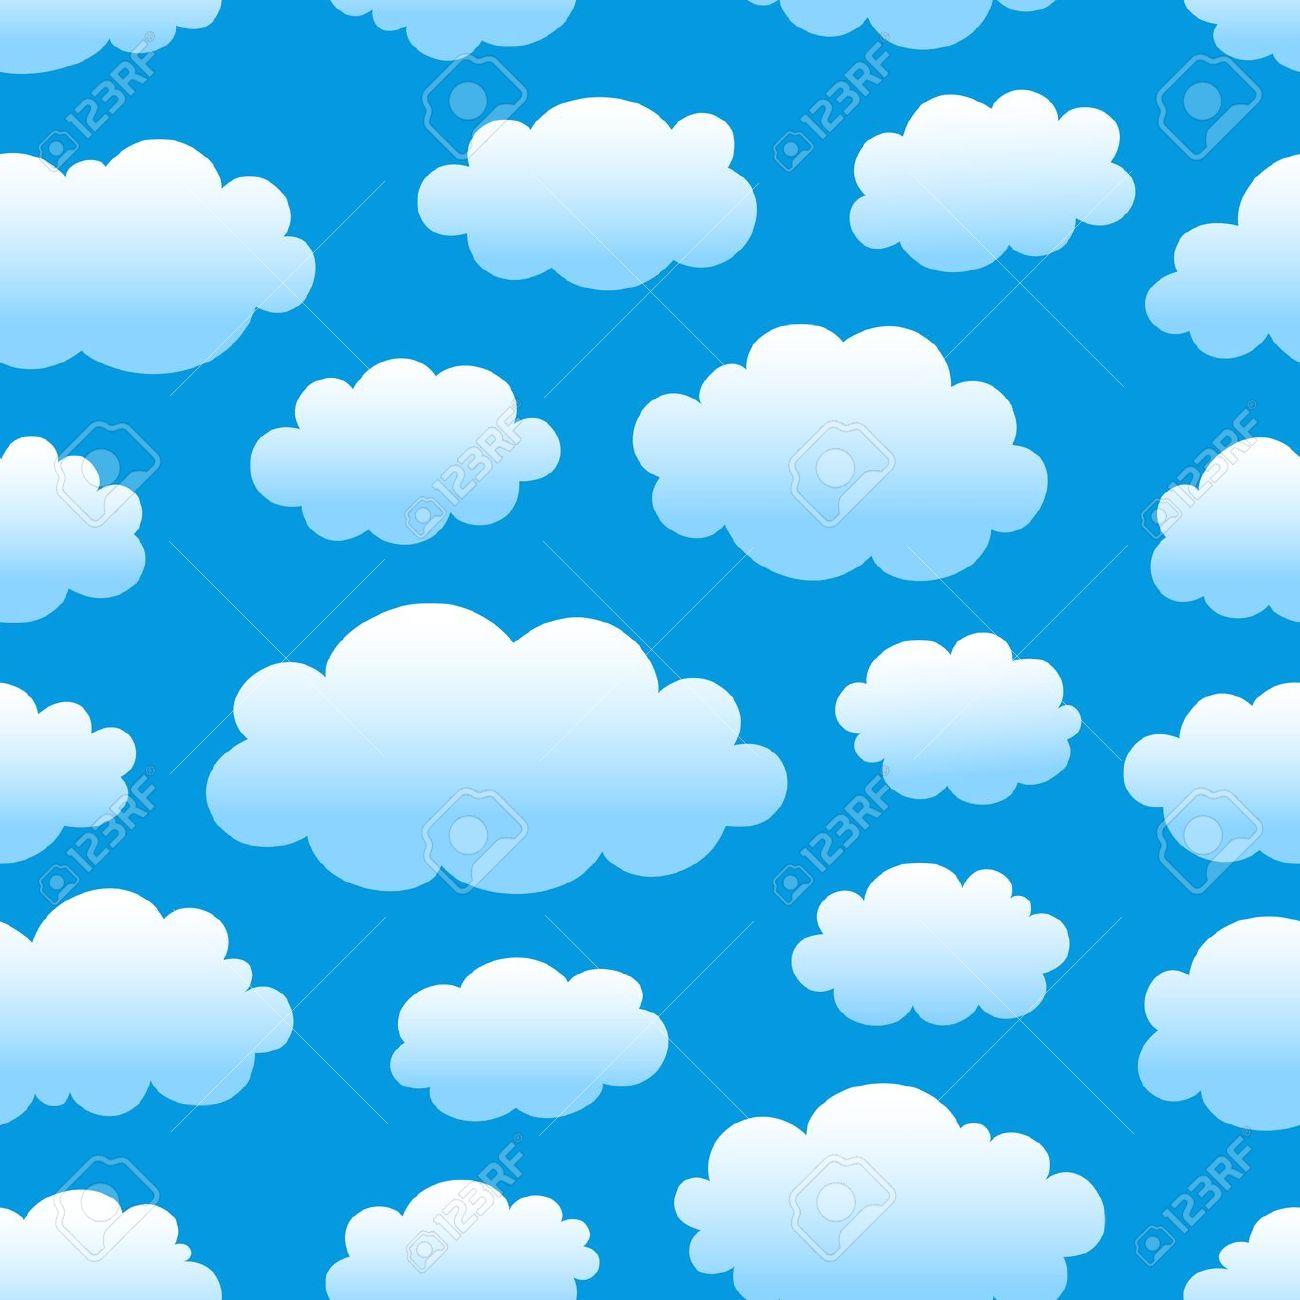 Le ciel clipart png freeuse download Le ciel clipart - ClipartFox png freeuse download